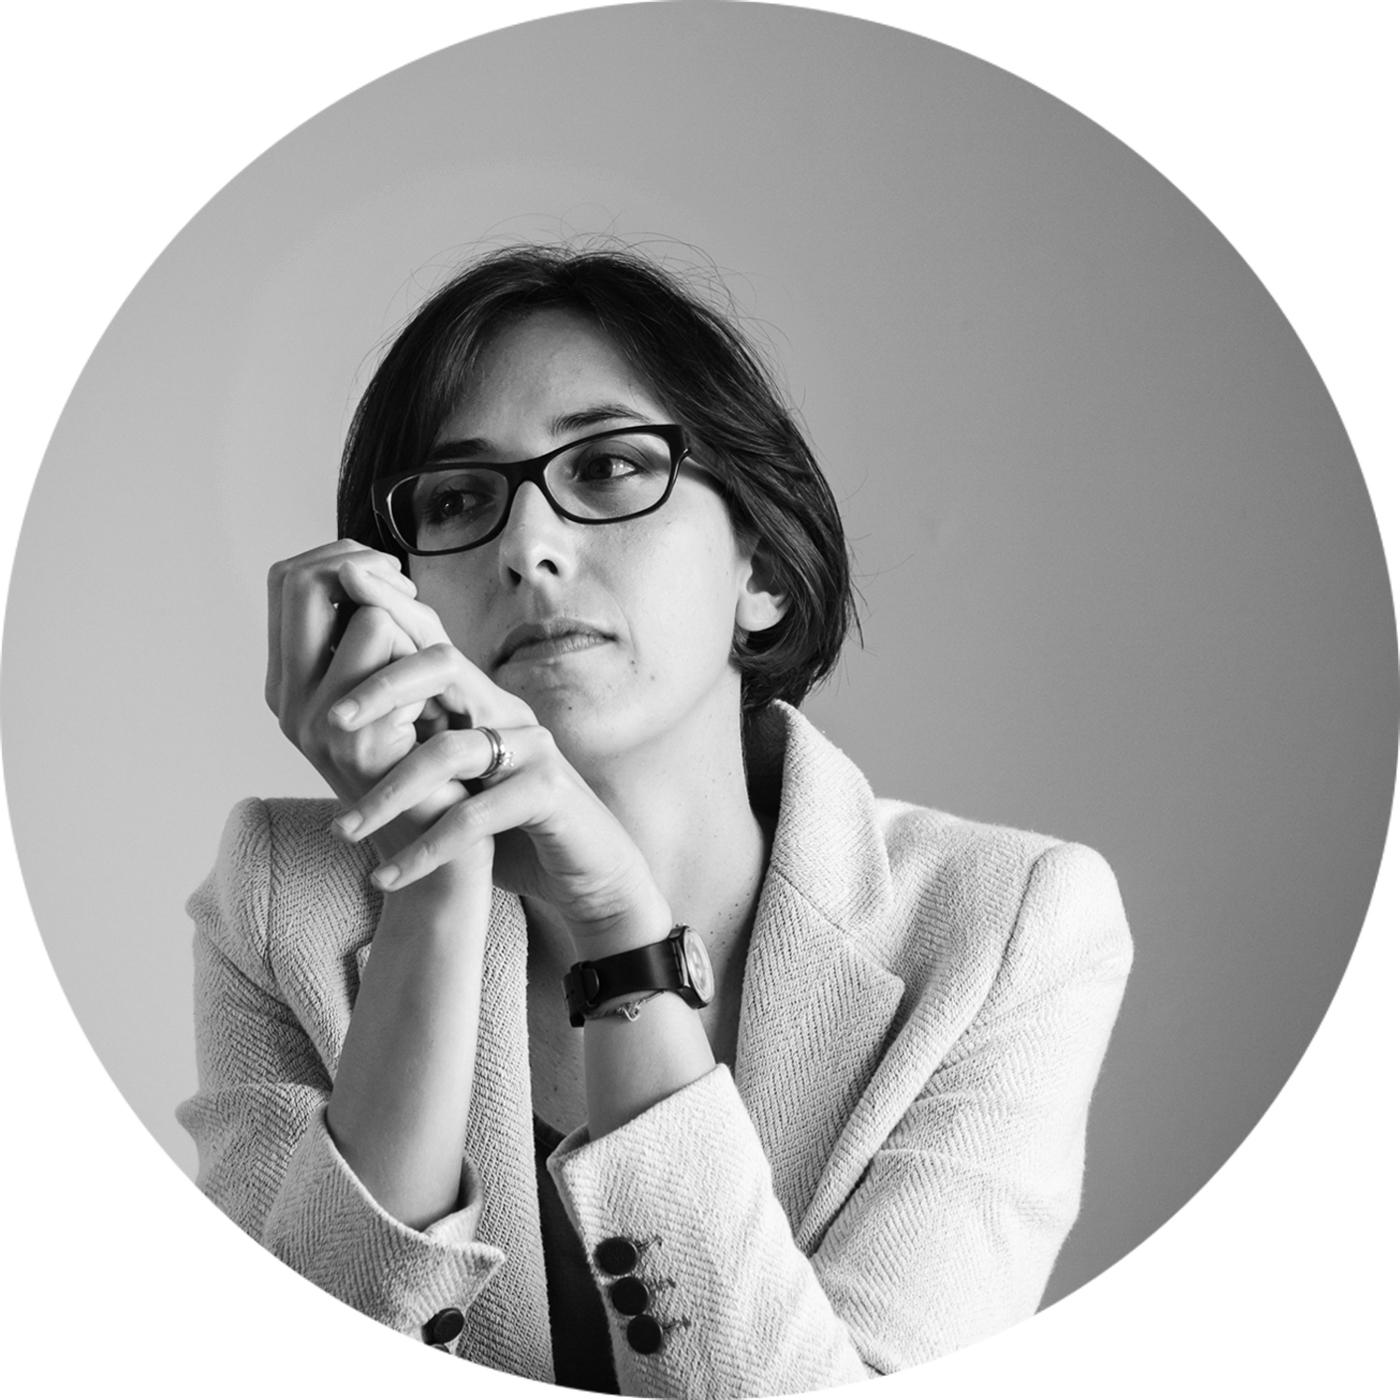 Lavoro Per Architetti Torino studio | bottega di architettura | carlo deregibus & silvia